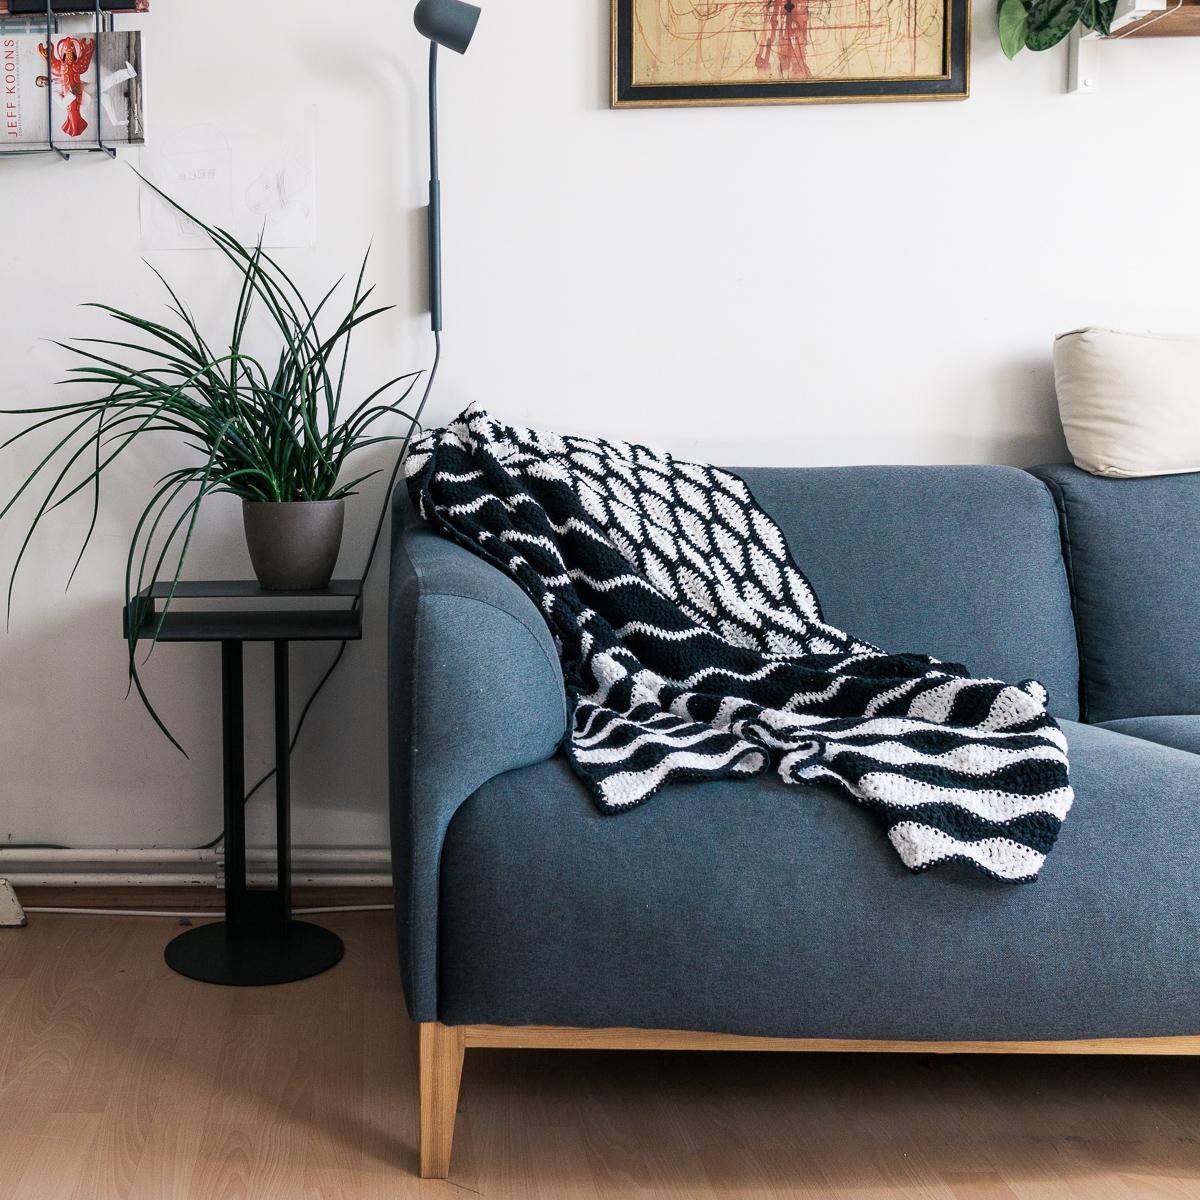 Häkelmuster für Decke